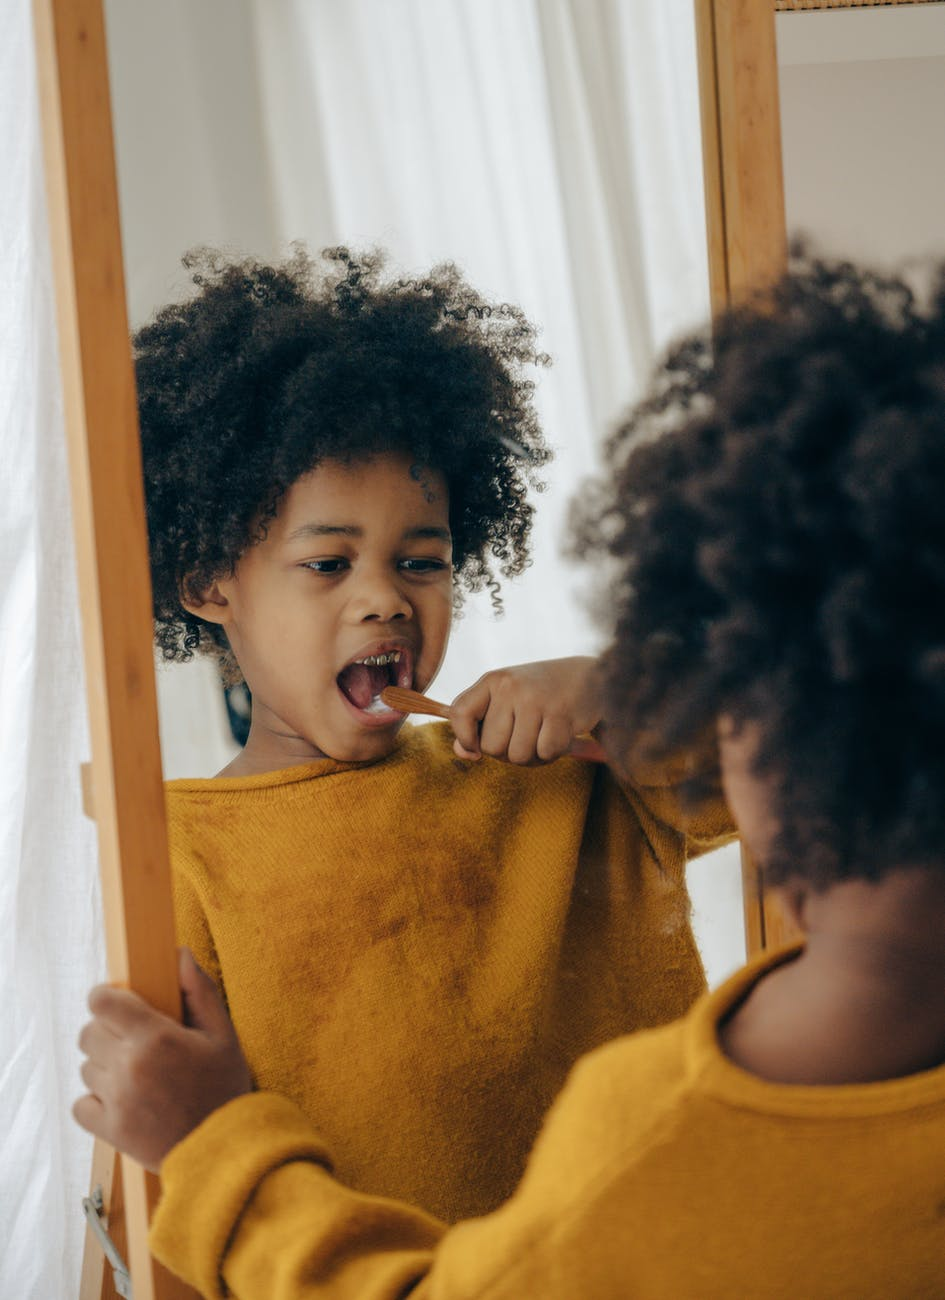 funny boy brushing teeth in morning